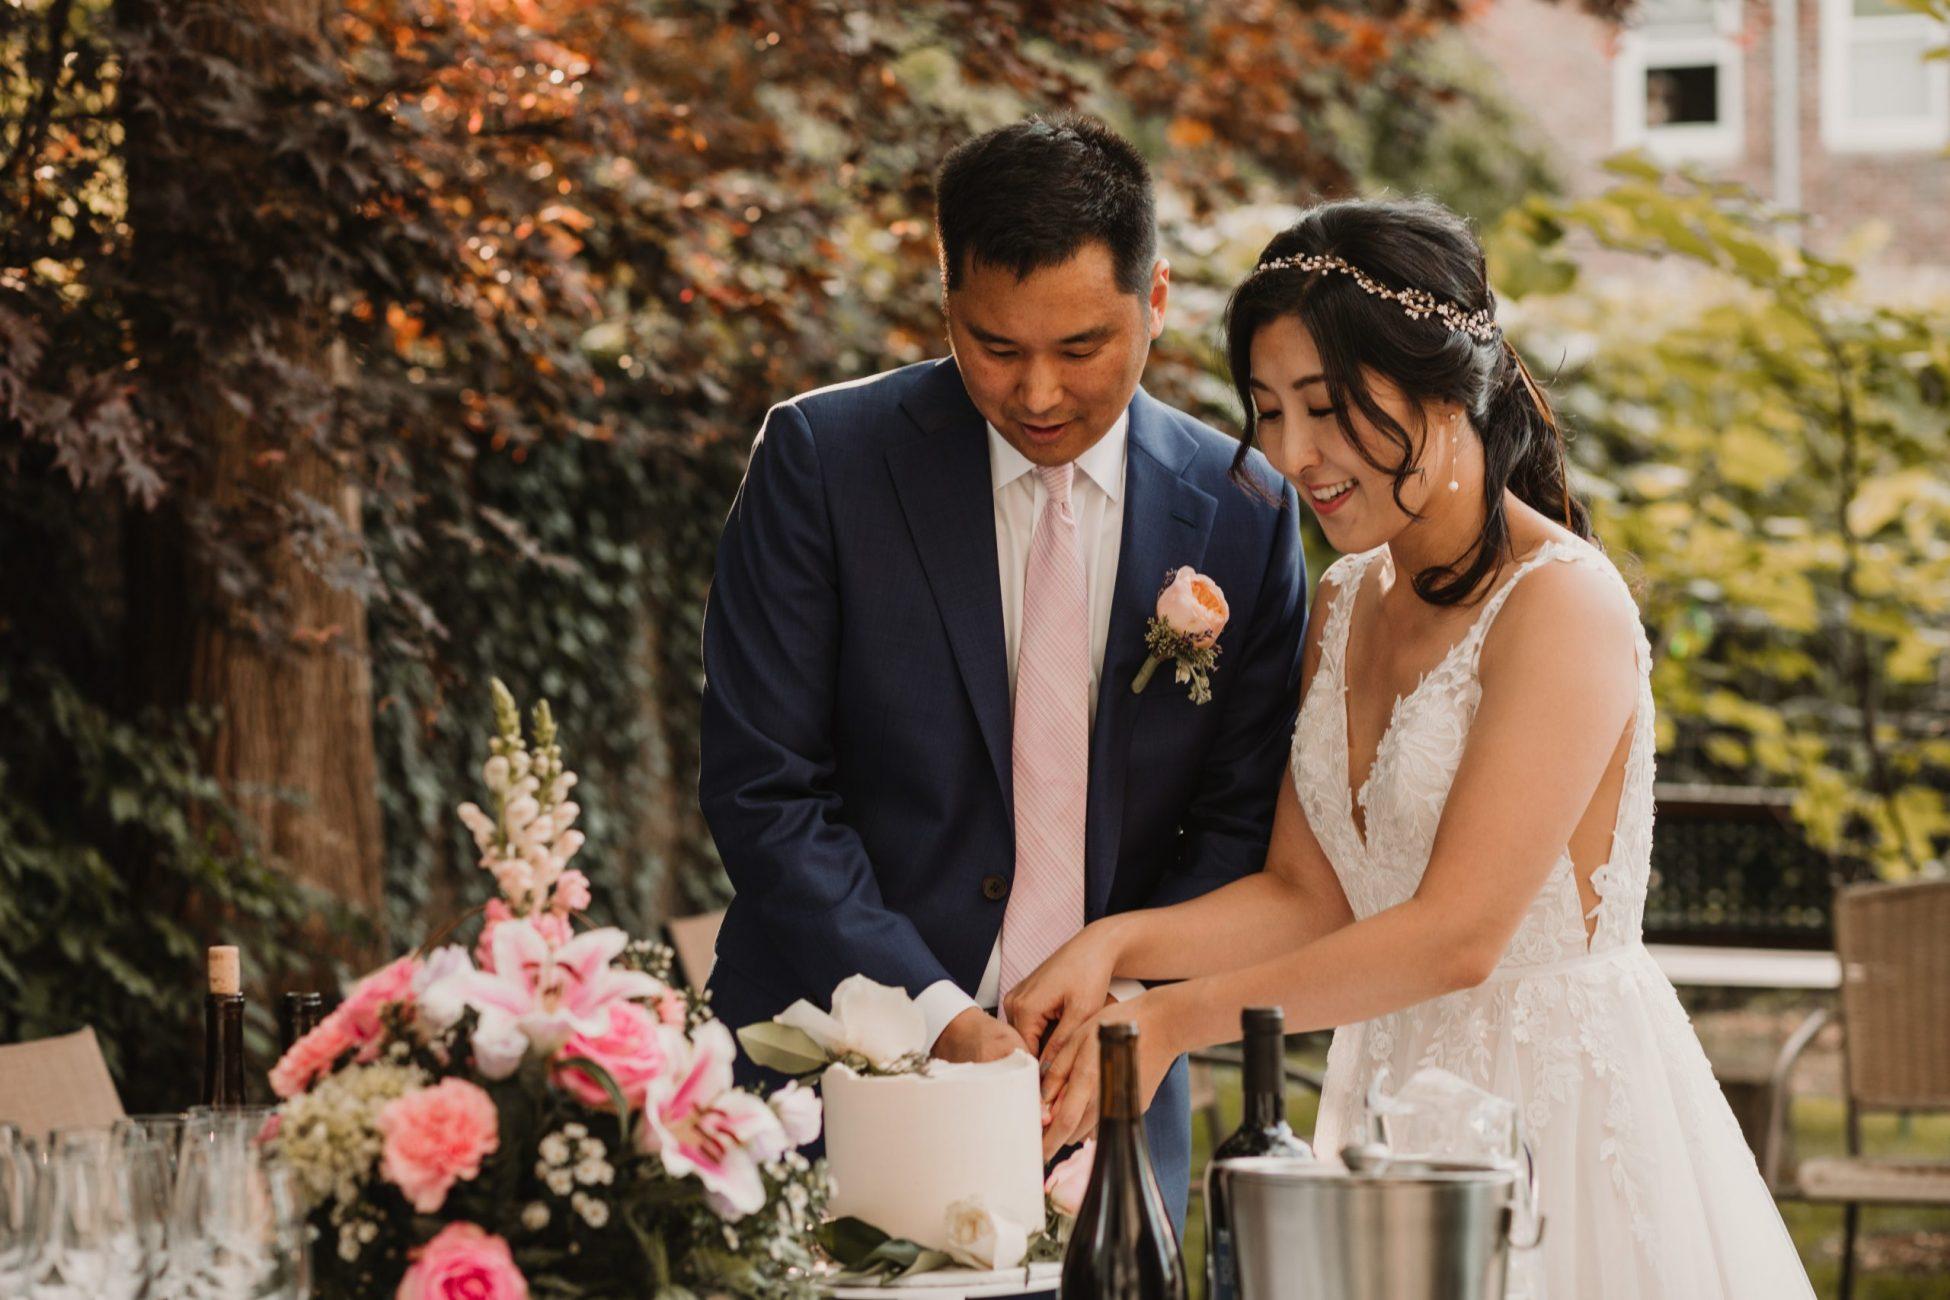 Backyard micro wedding in Cambridge MA